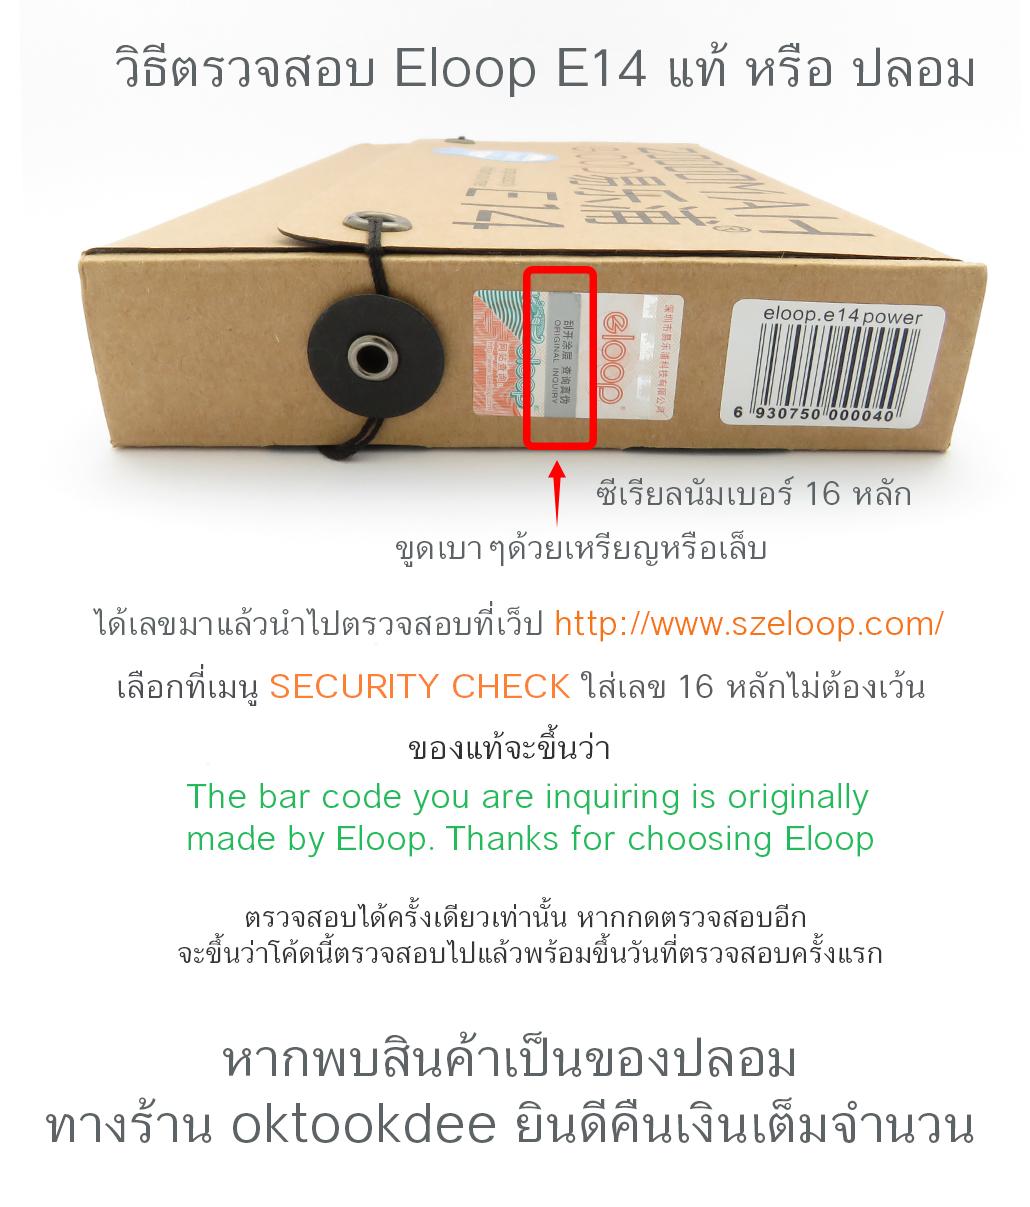 วิธีเช็ค ตรวจสอบ โค้ด Eloop E14 แท้ หรือ ปลอม oktookdee.com